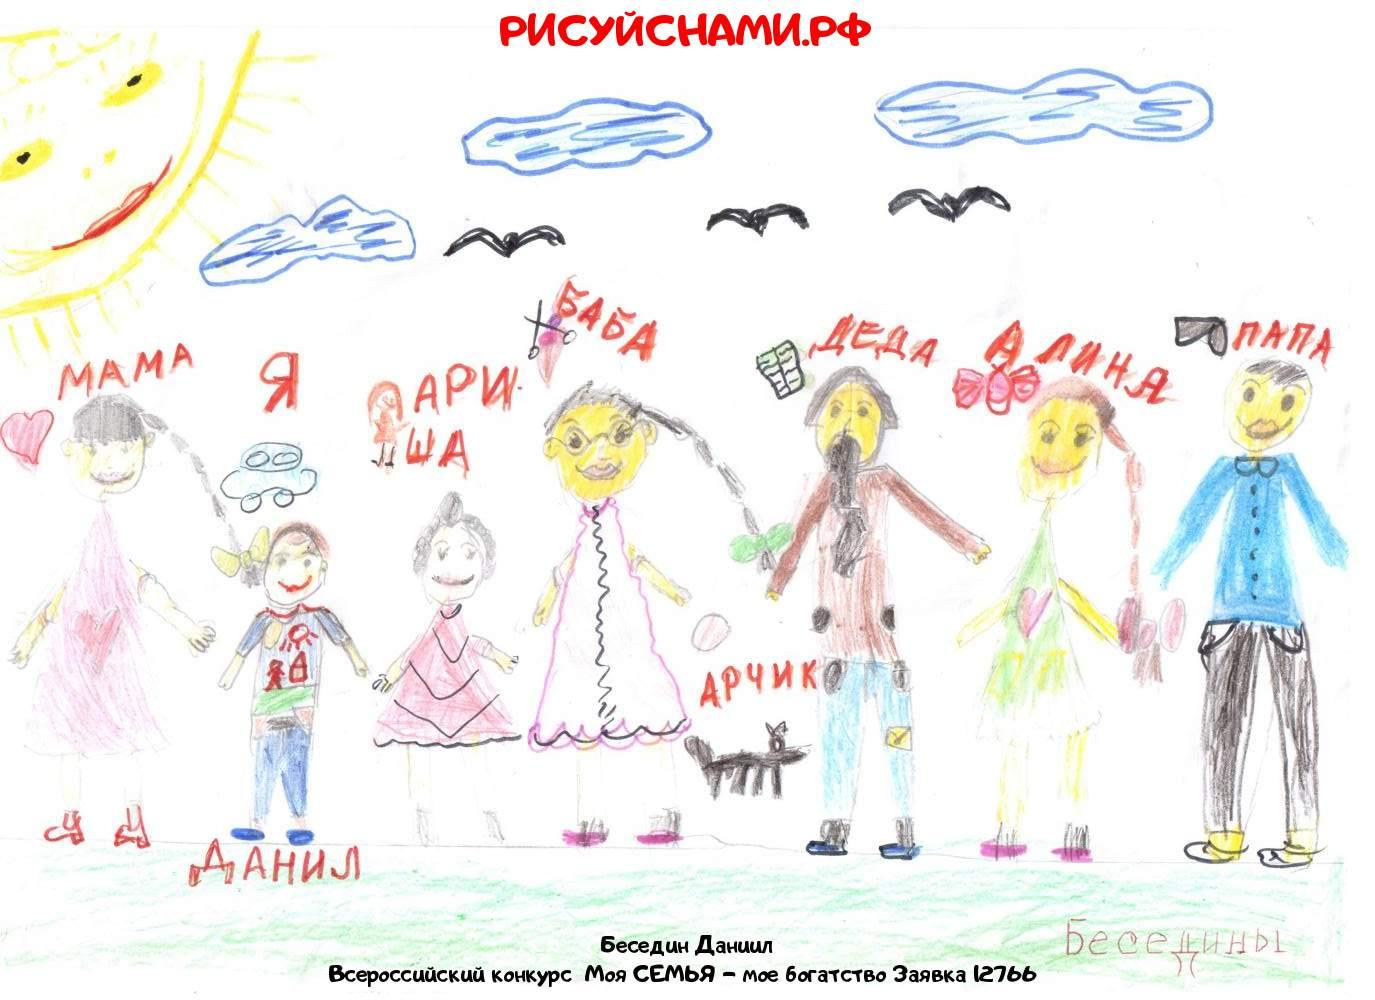 Всероссийский конкурс  Моя СЕМЬЯ - мое богатство Заявка 12766  всероссийский творческий конкурс рисунка для детей школьников и дошкольников (рисунок и поделка) - Беседин Даниил